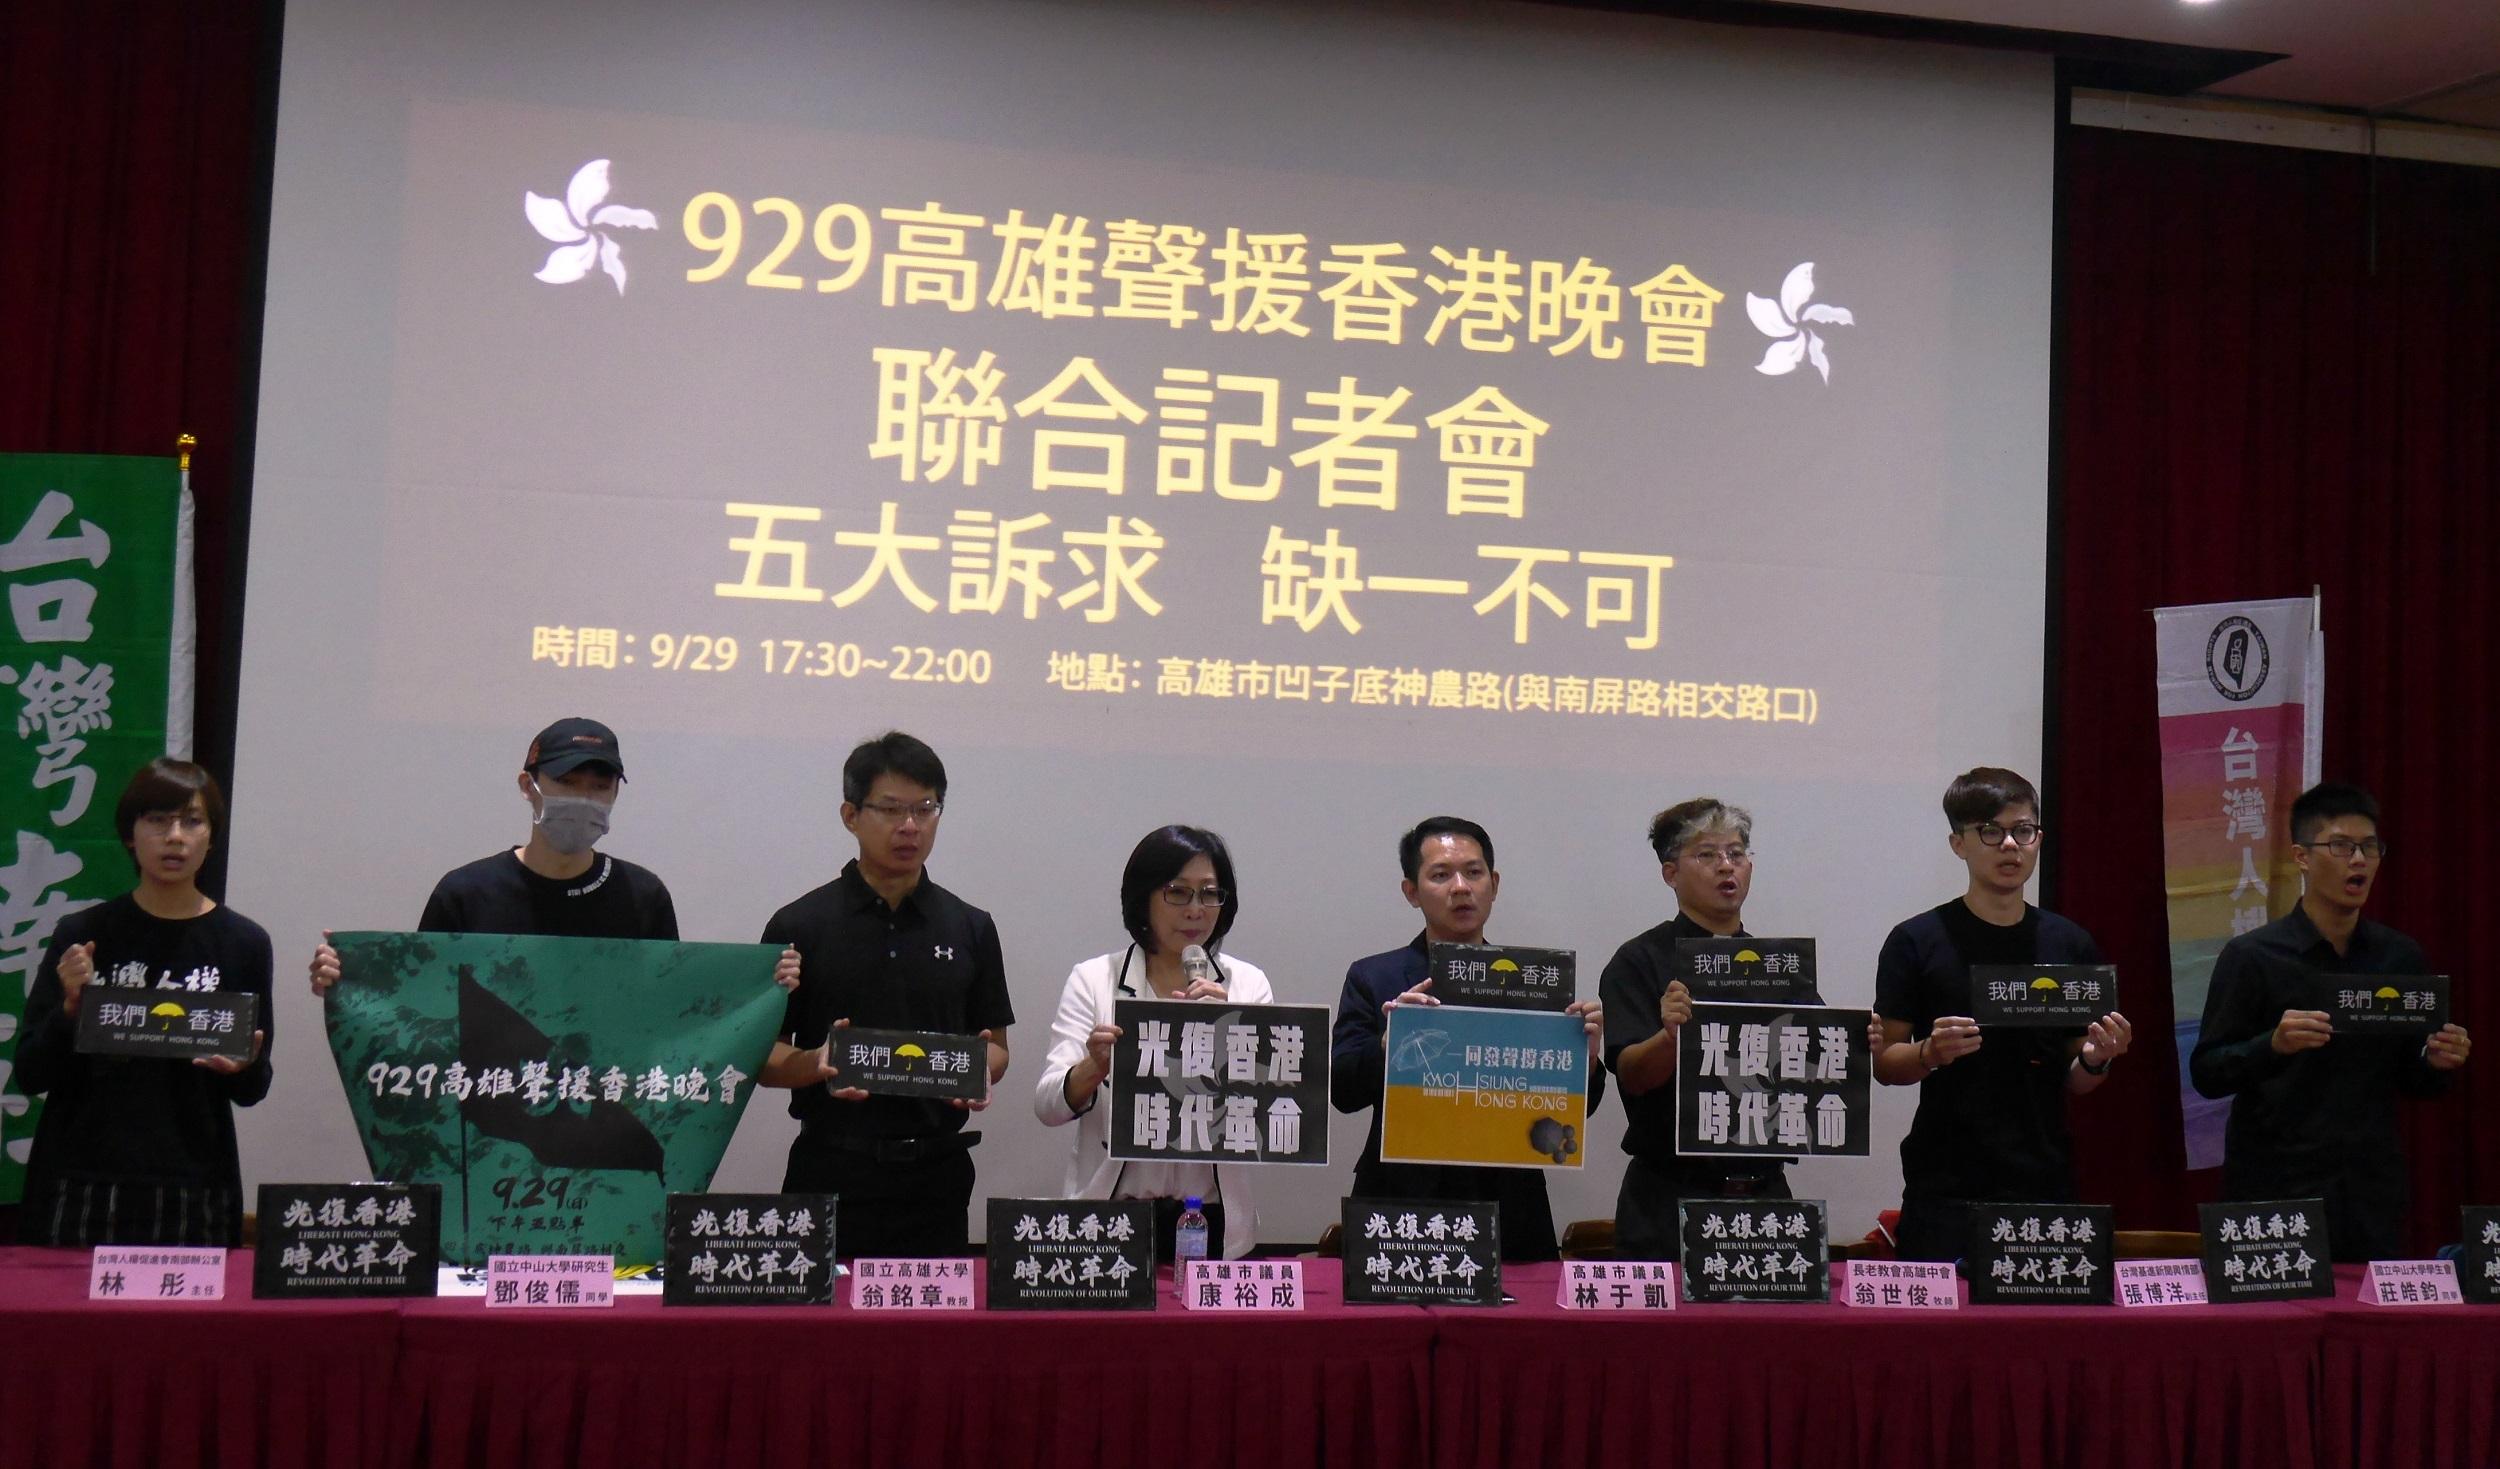 九二九全球串聯反極權 高雄撐香港